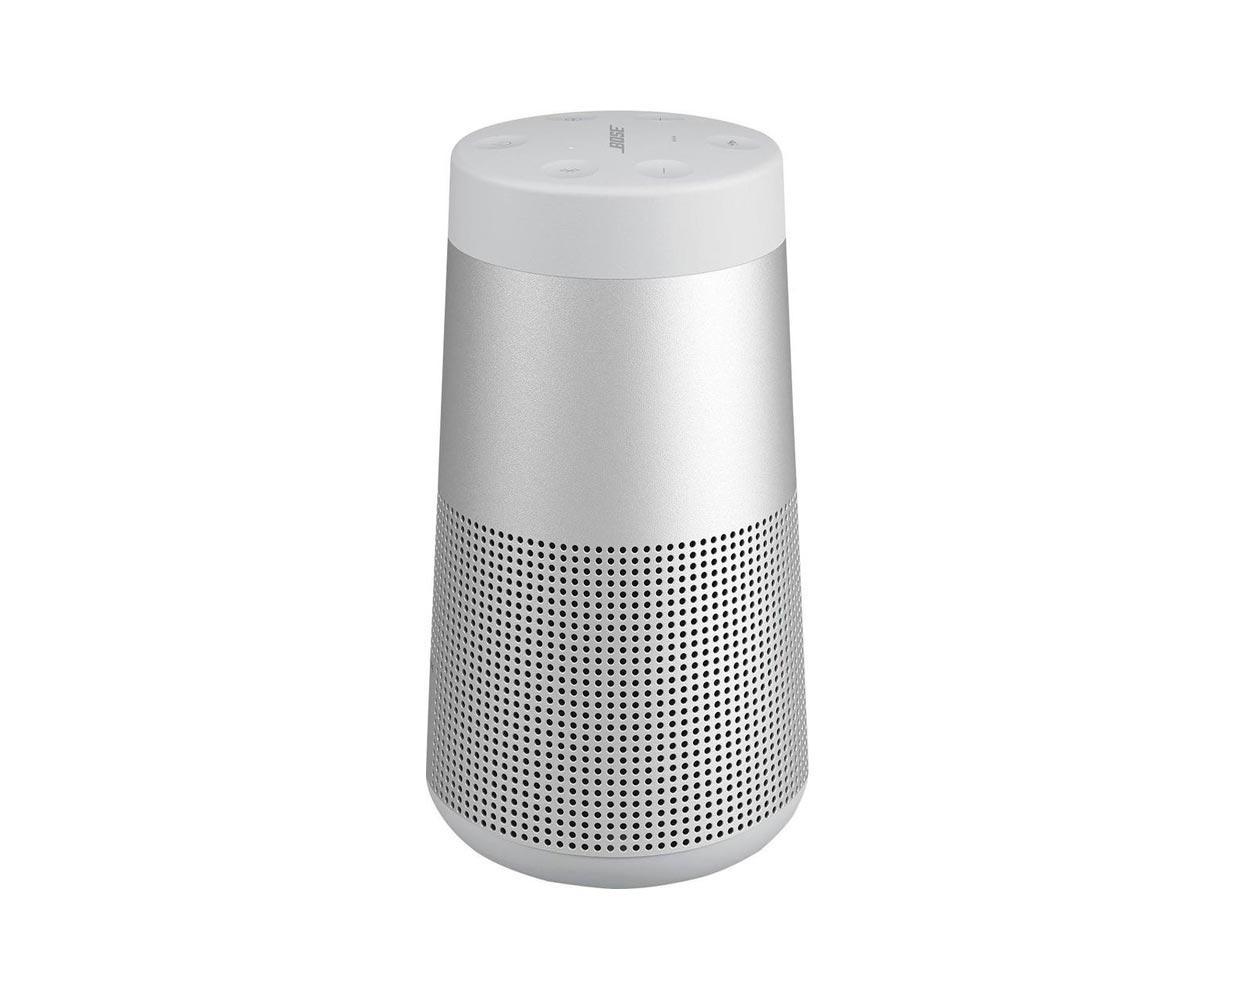 Беспроводной спикер (колонка) Bose SoundLink Revolve Gray - фото 1